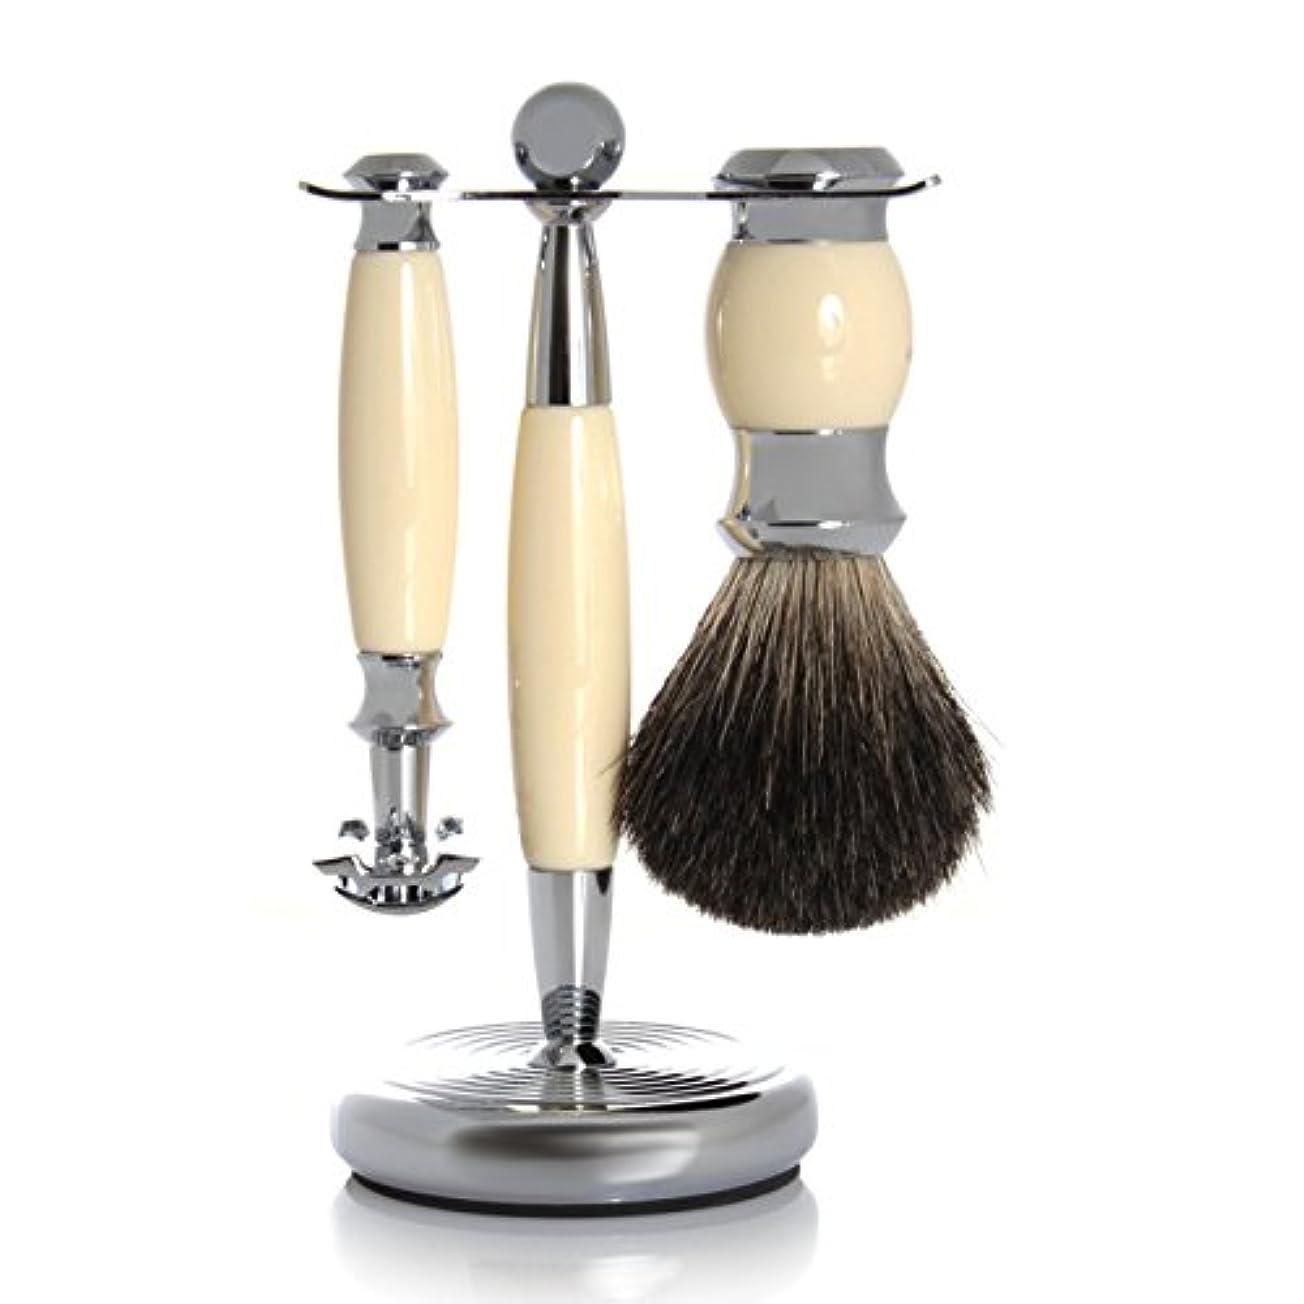 障害者海岸信号GOLDDACHS Shaving Set, Safety Razor, 100% badger hair, white/silver